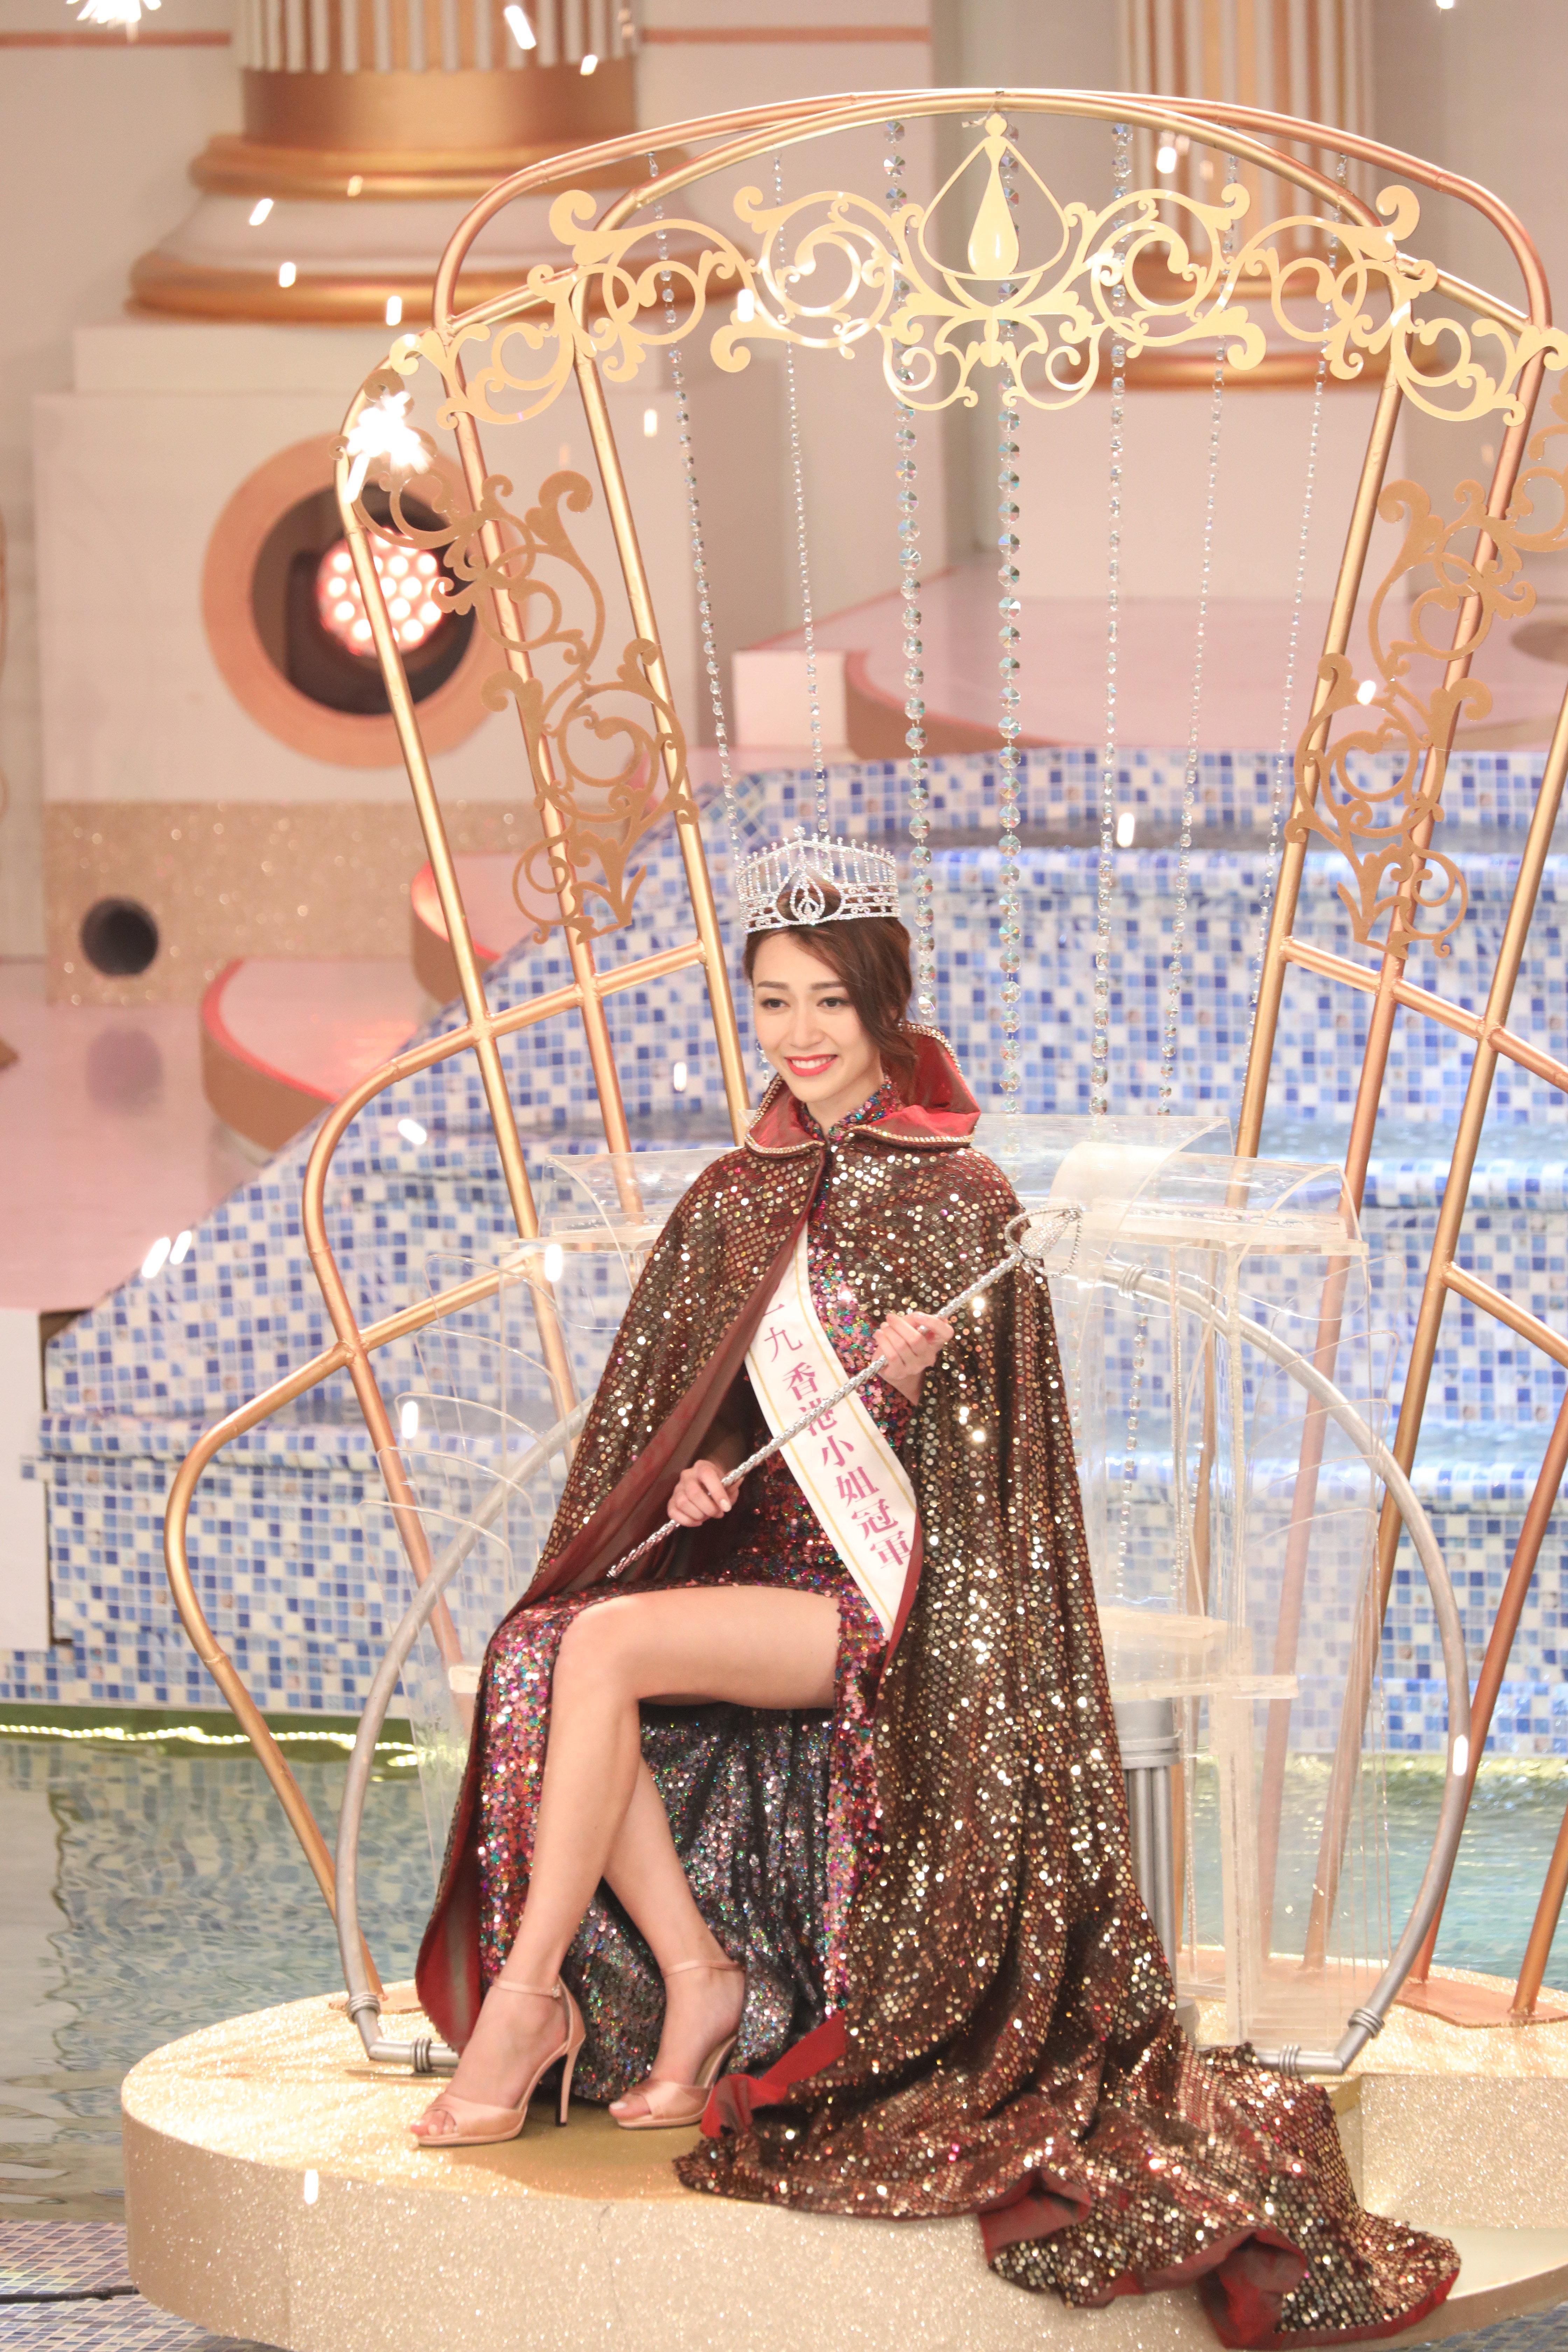 現年廿五歲的黃嘉雯大熱勝出奪得冠軍,更獲選為「最具體態美佳麗」。